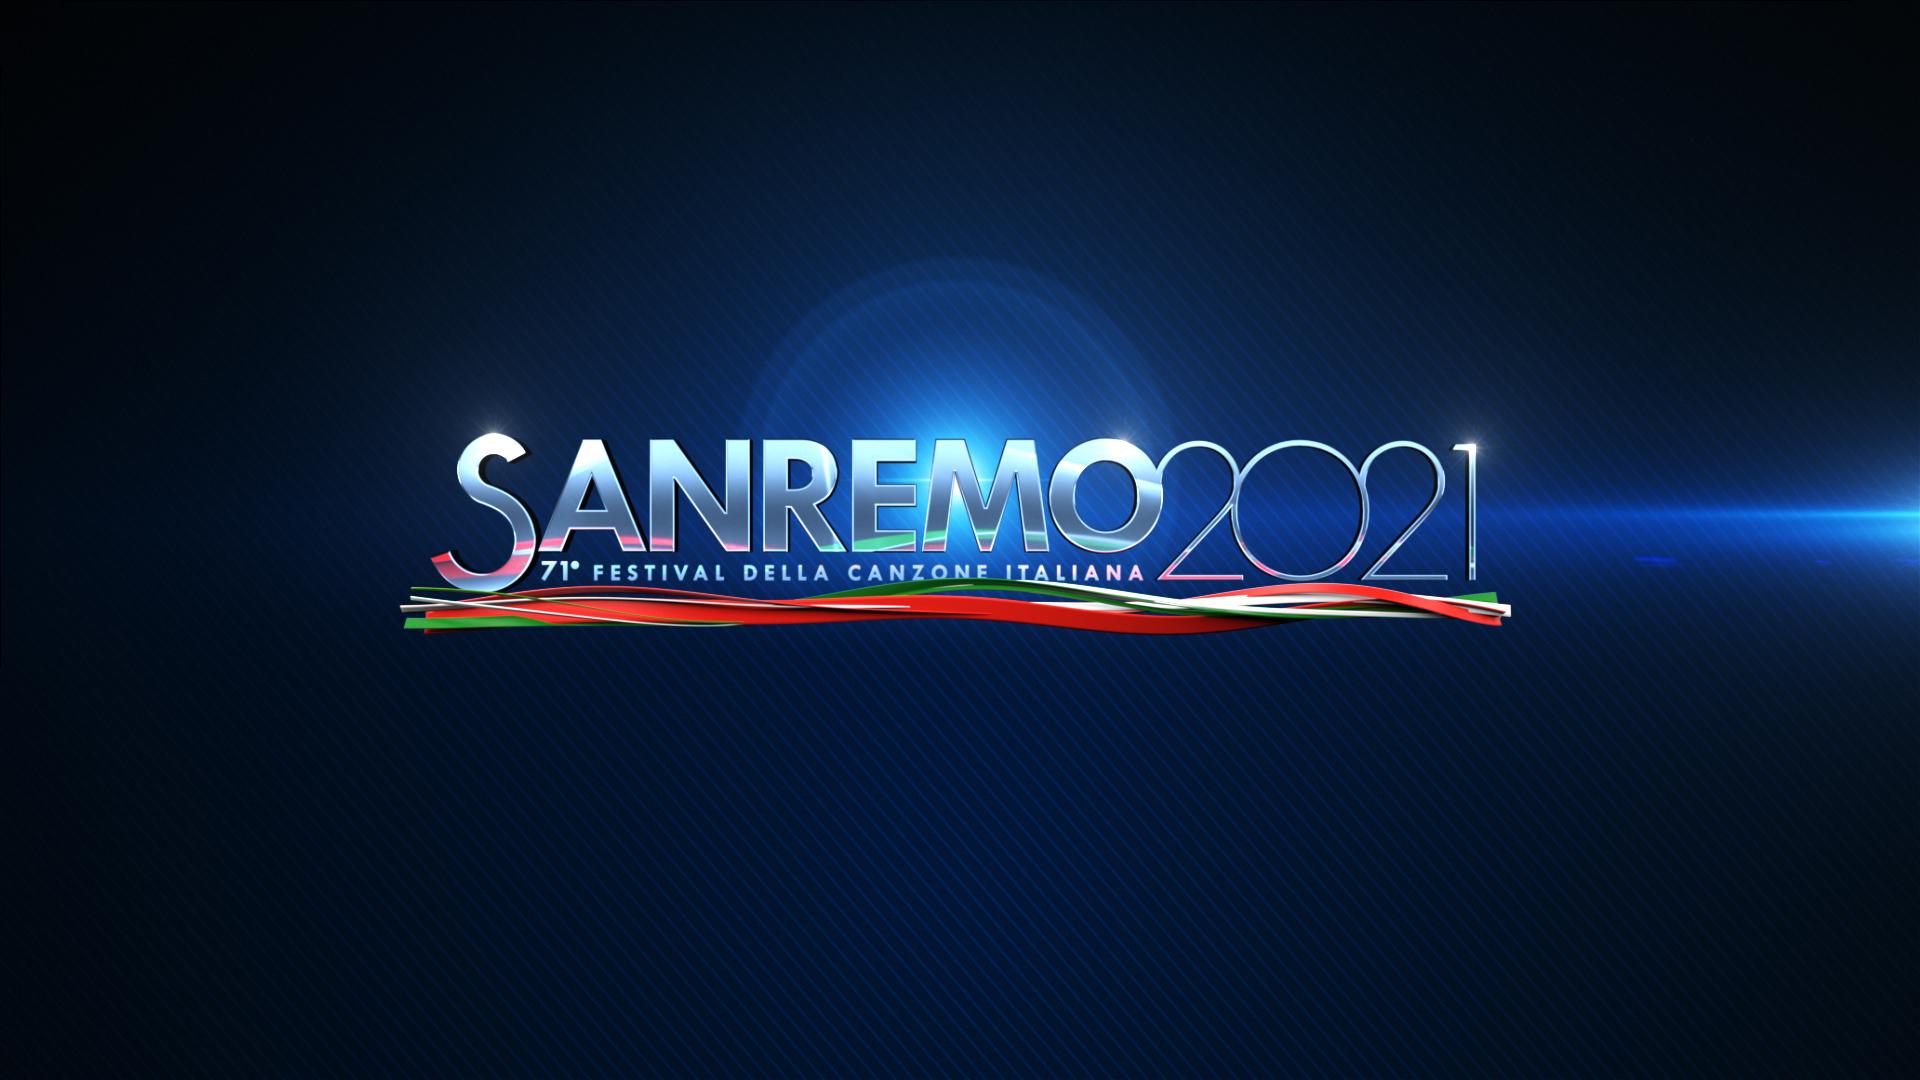 Tutto pronto per la serata finale del Festival di Sanremo 2021